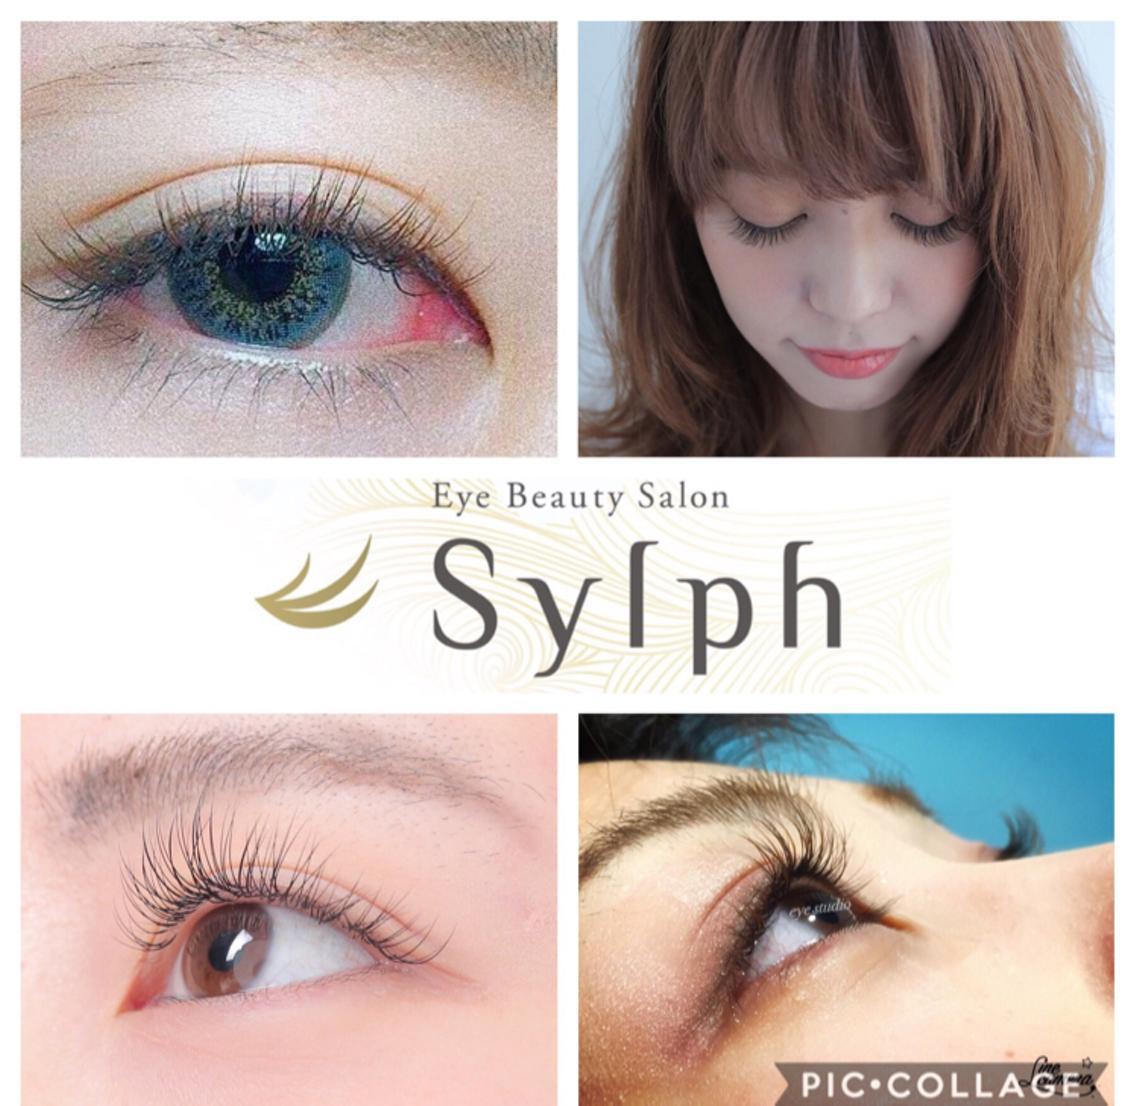 Eye Beauty Salon  Sylph TESORO店所属・佐々木 歩の掲載